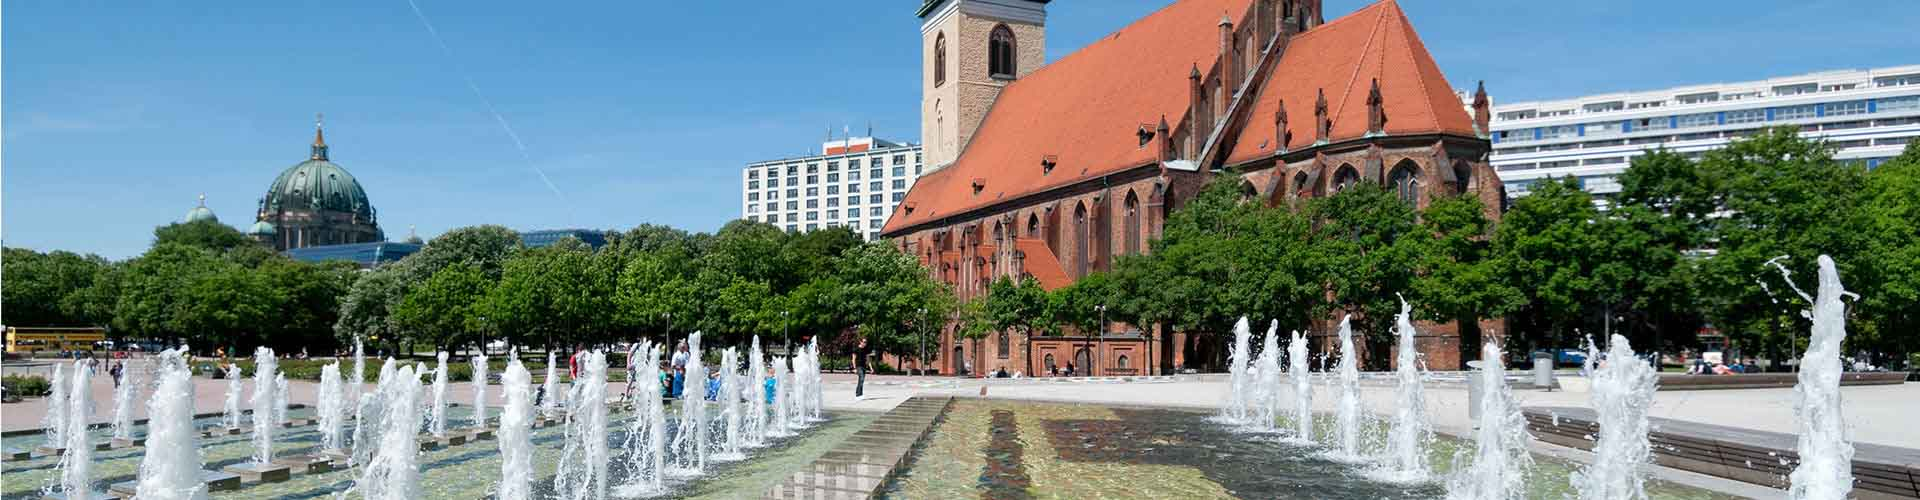 베를린 - 마리엔 교회에 가까운 호스텔. 베를린의 지도, 베를린에 위치한 호스텔에 대한 사진 및 리뷰.